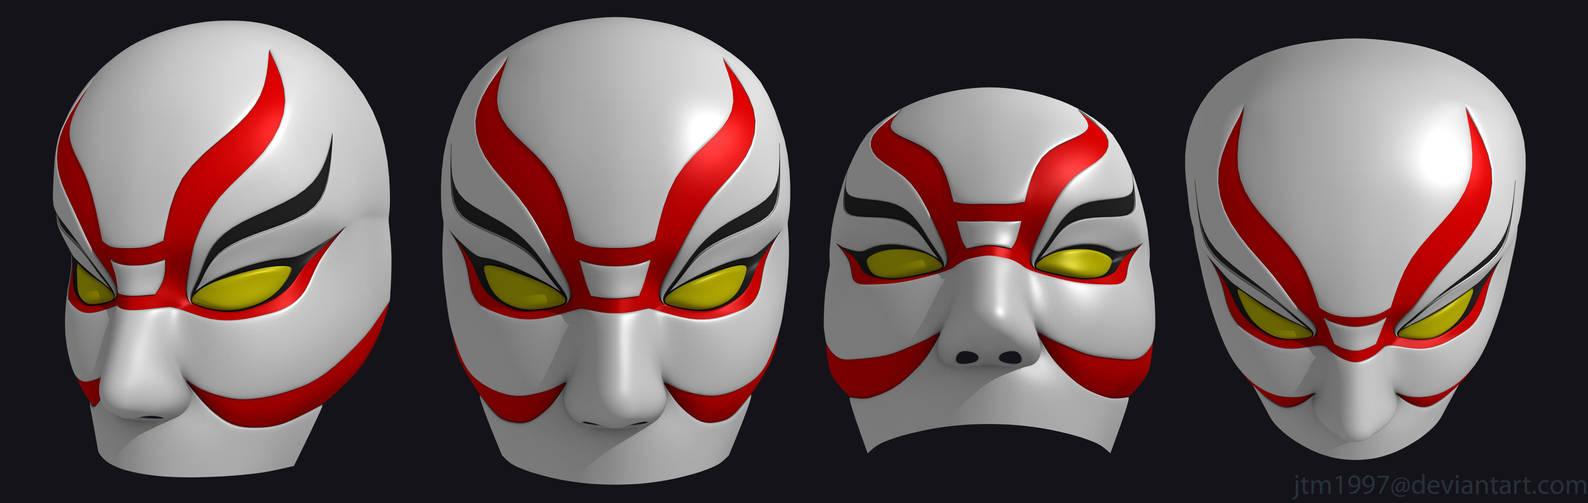 Big Hero 6 Villain Mask By Jtm1997 On Deviantart